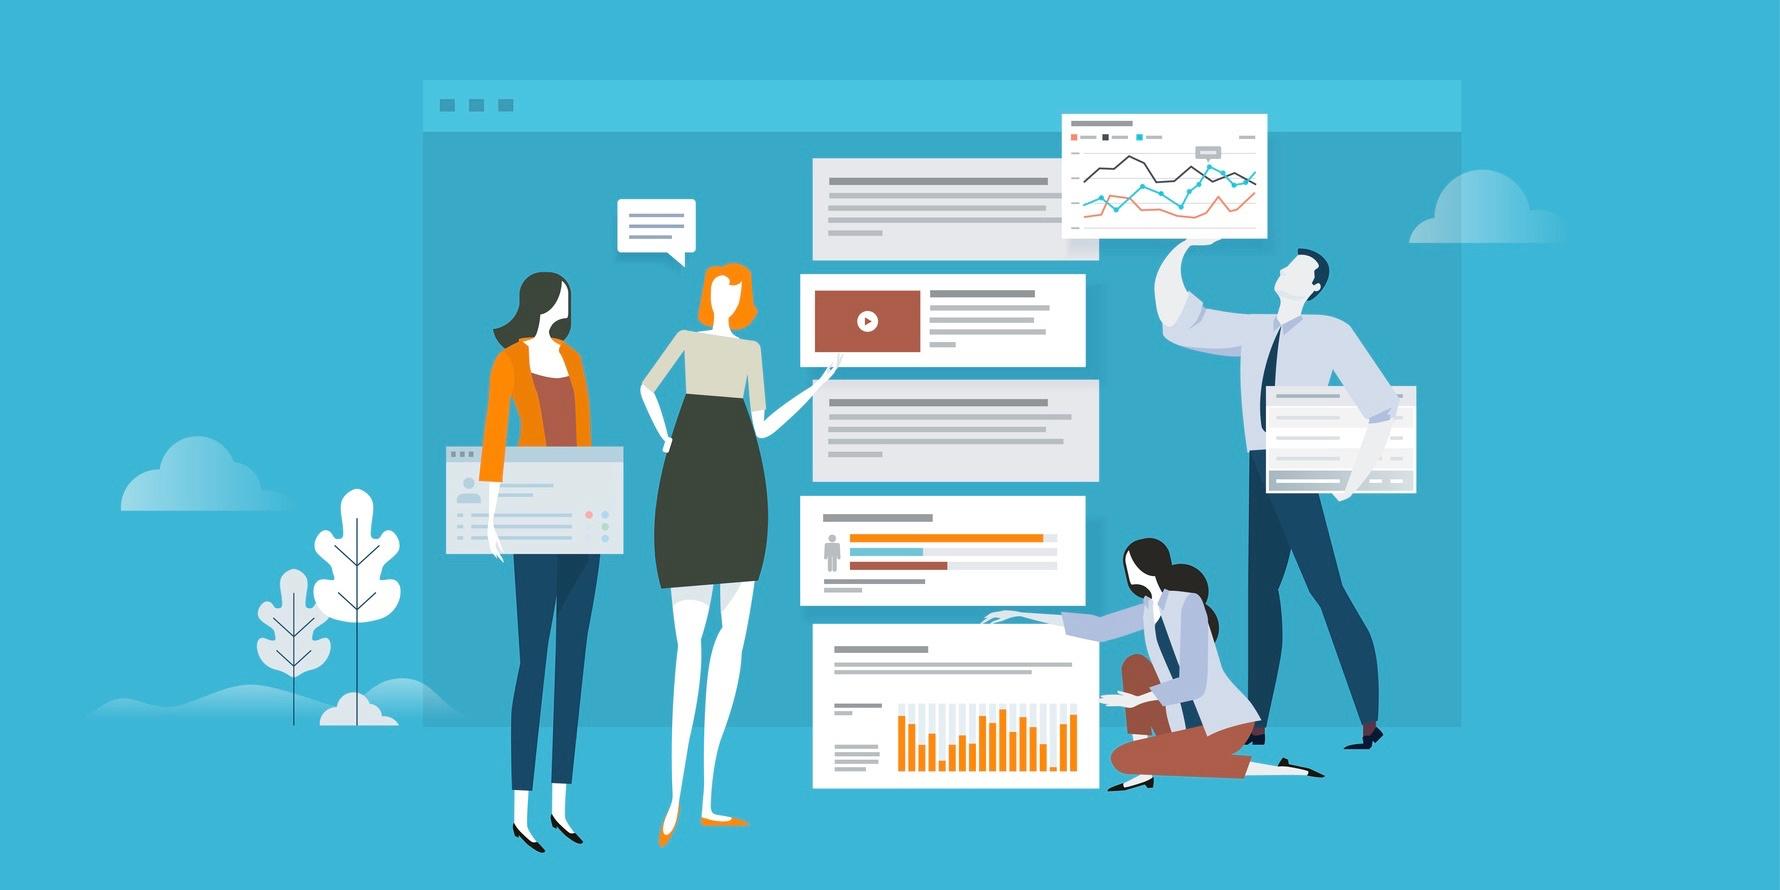 Logiciel ERP gestion à l'affaire : les questions à se poser